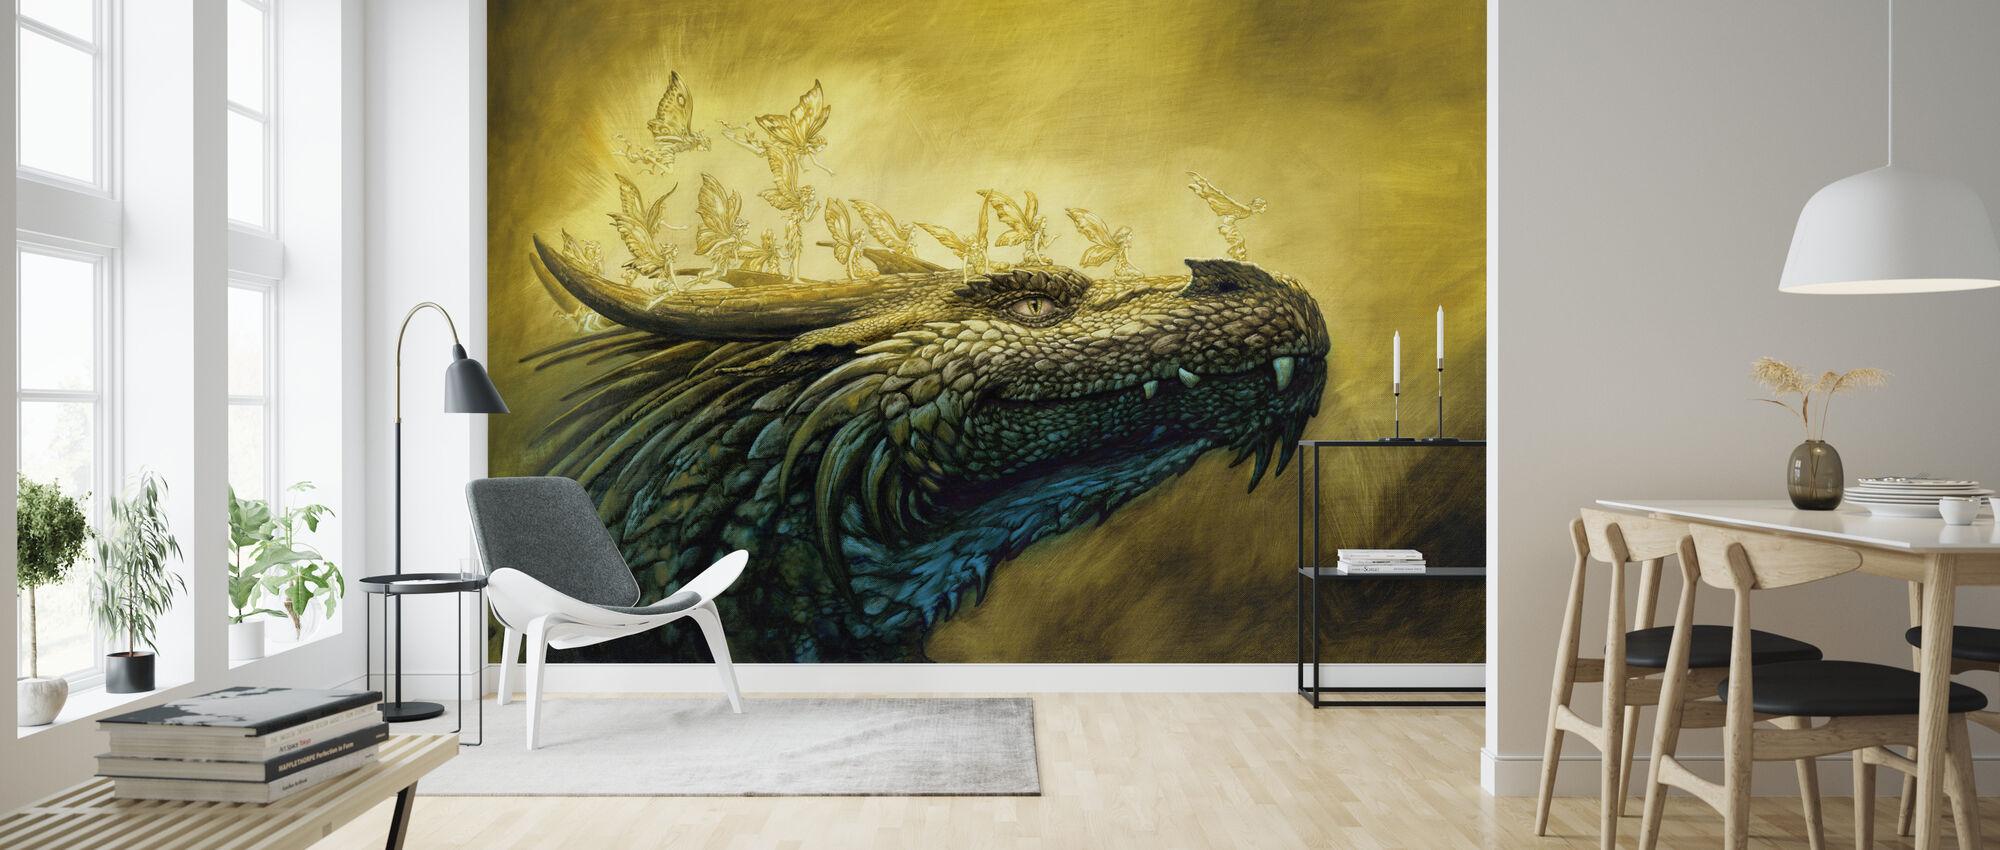 Ruval Hadas - Wallpaper - Living Room